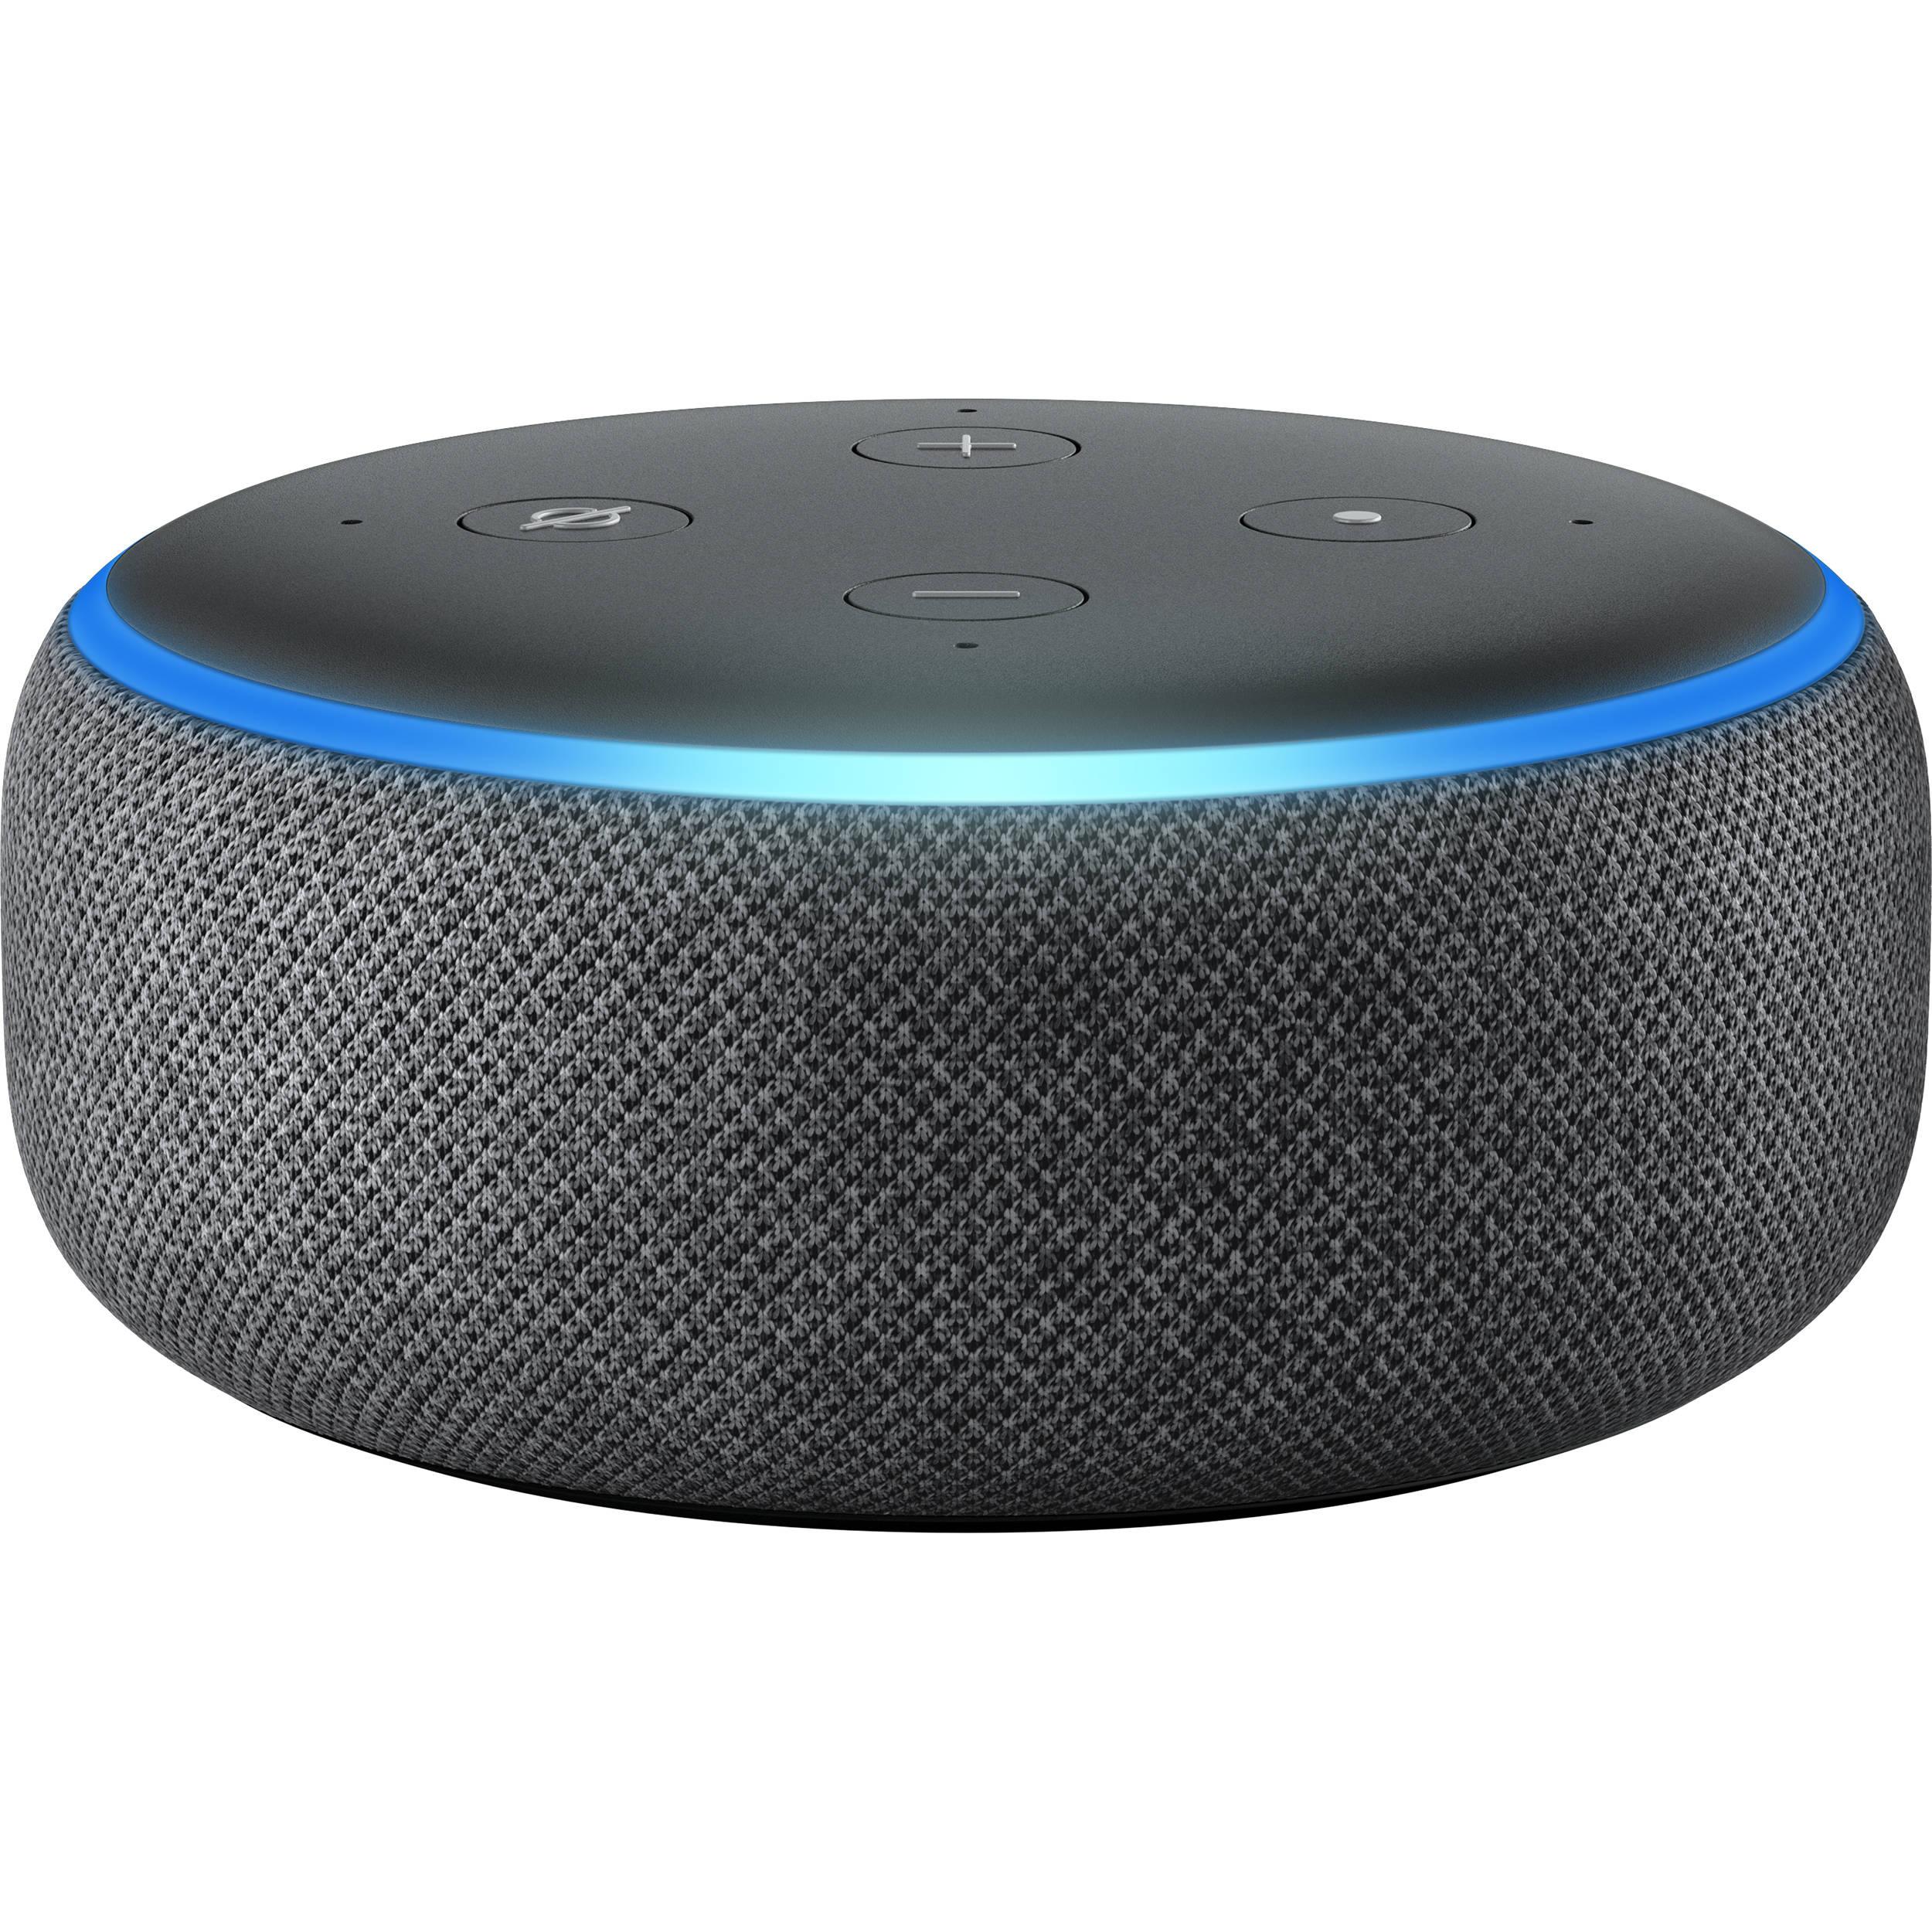 Amazon Echo Dot 3rd Generation Charcoal B0792kthkj B H Photo